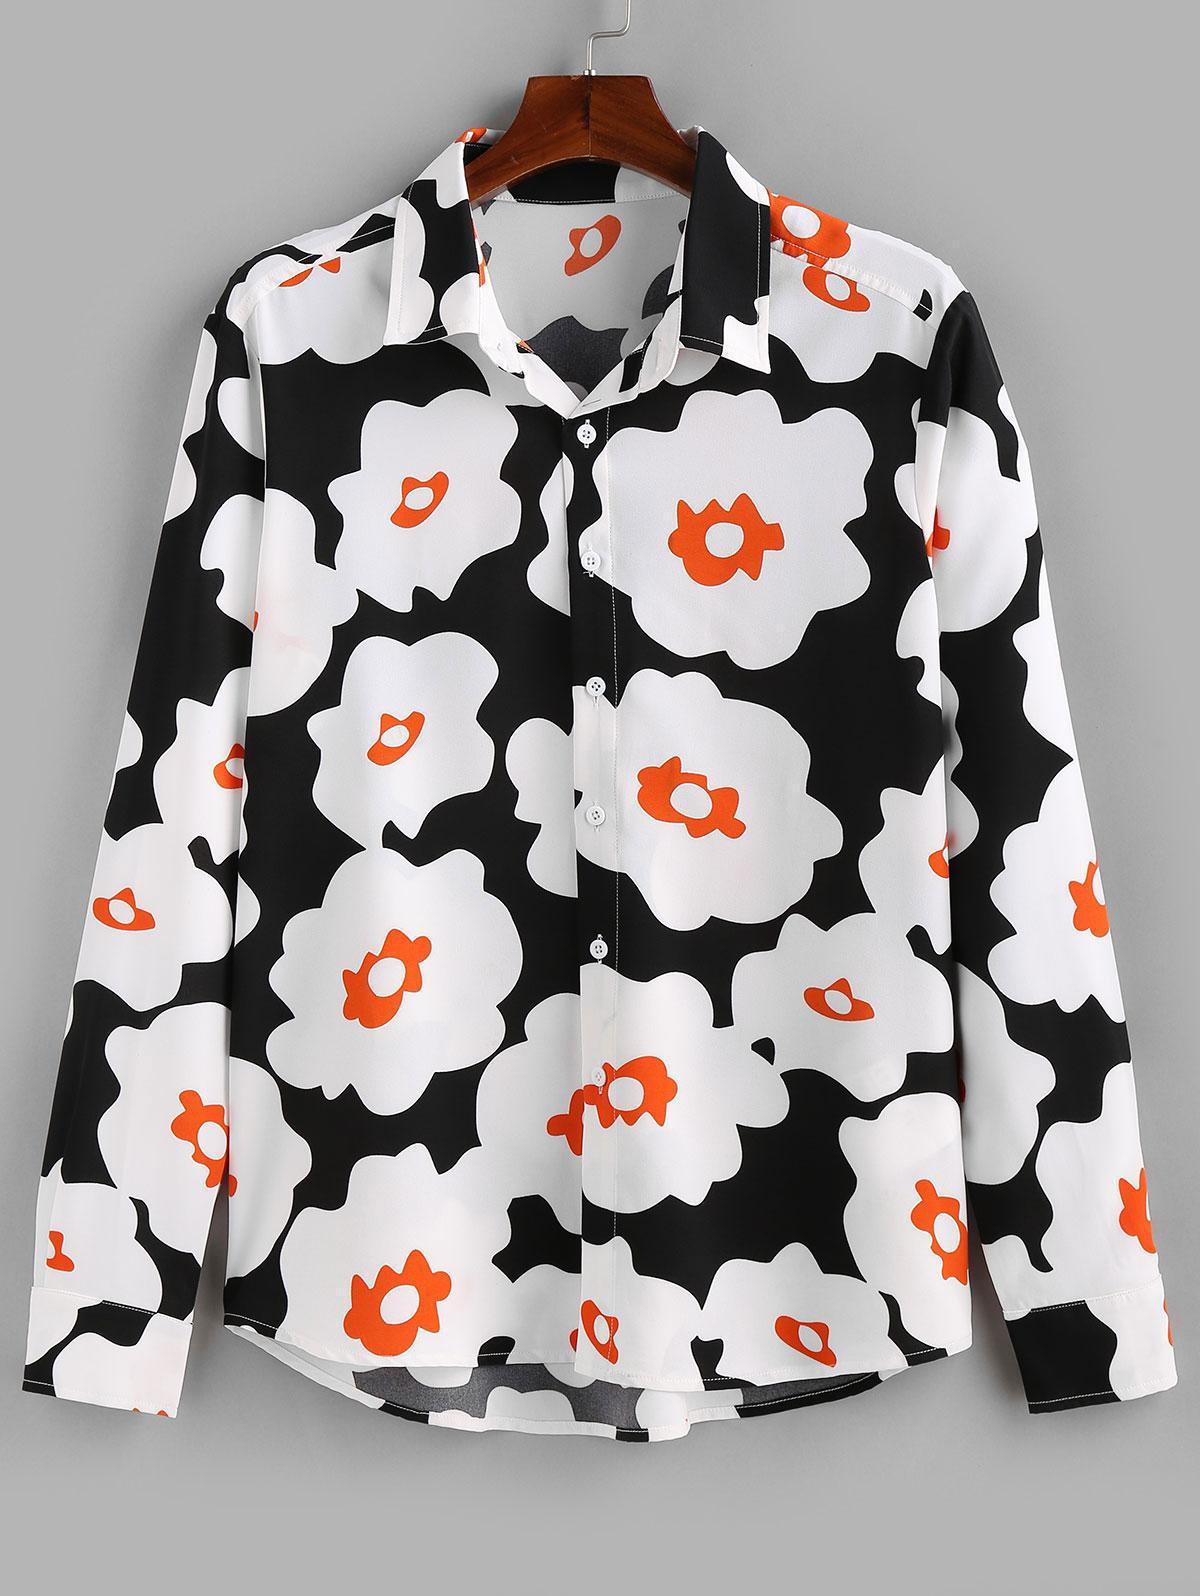 Chemise Boutonnée Fleur Imprimée à Manches Longues - ZAFUL - Modalova